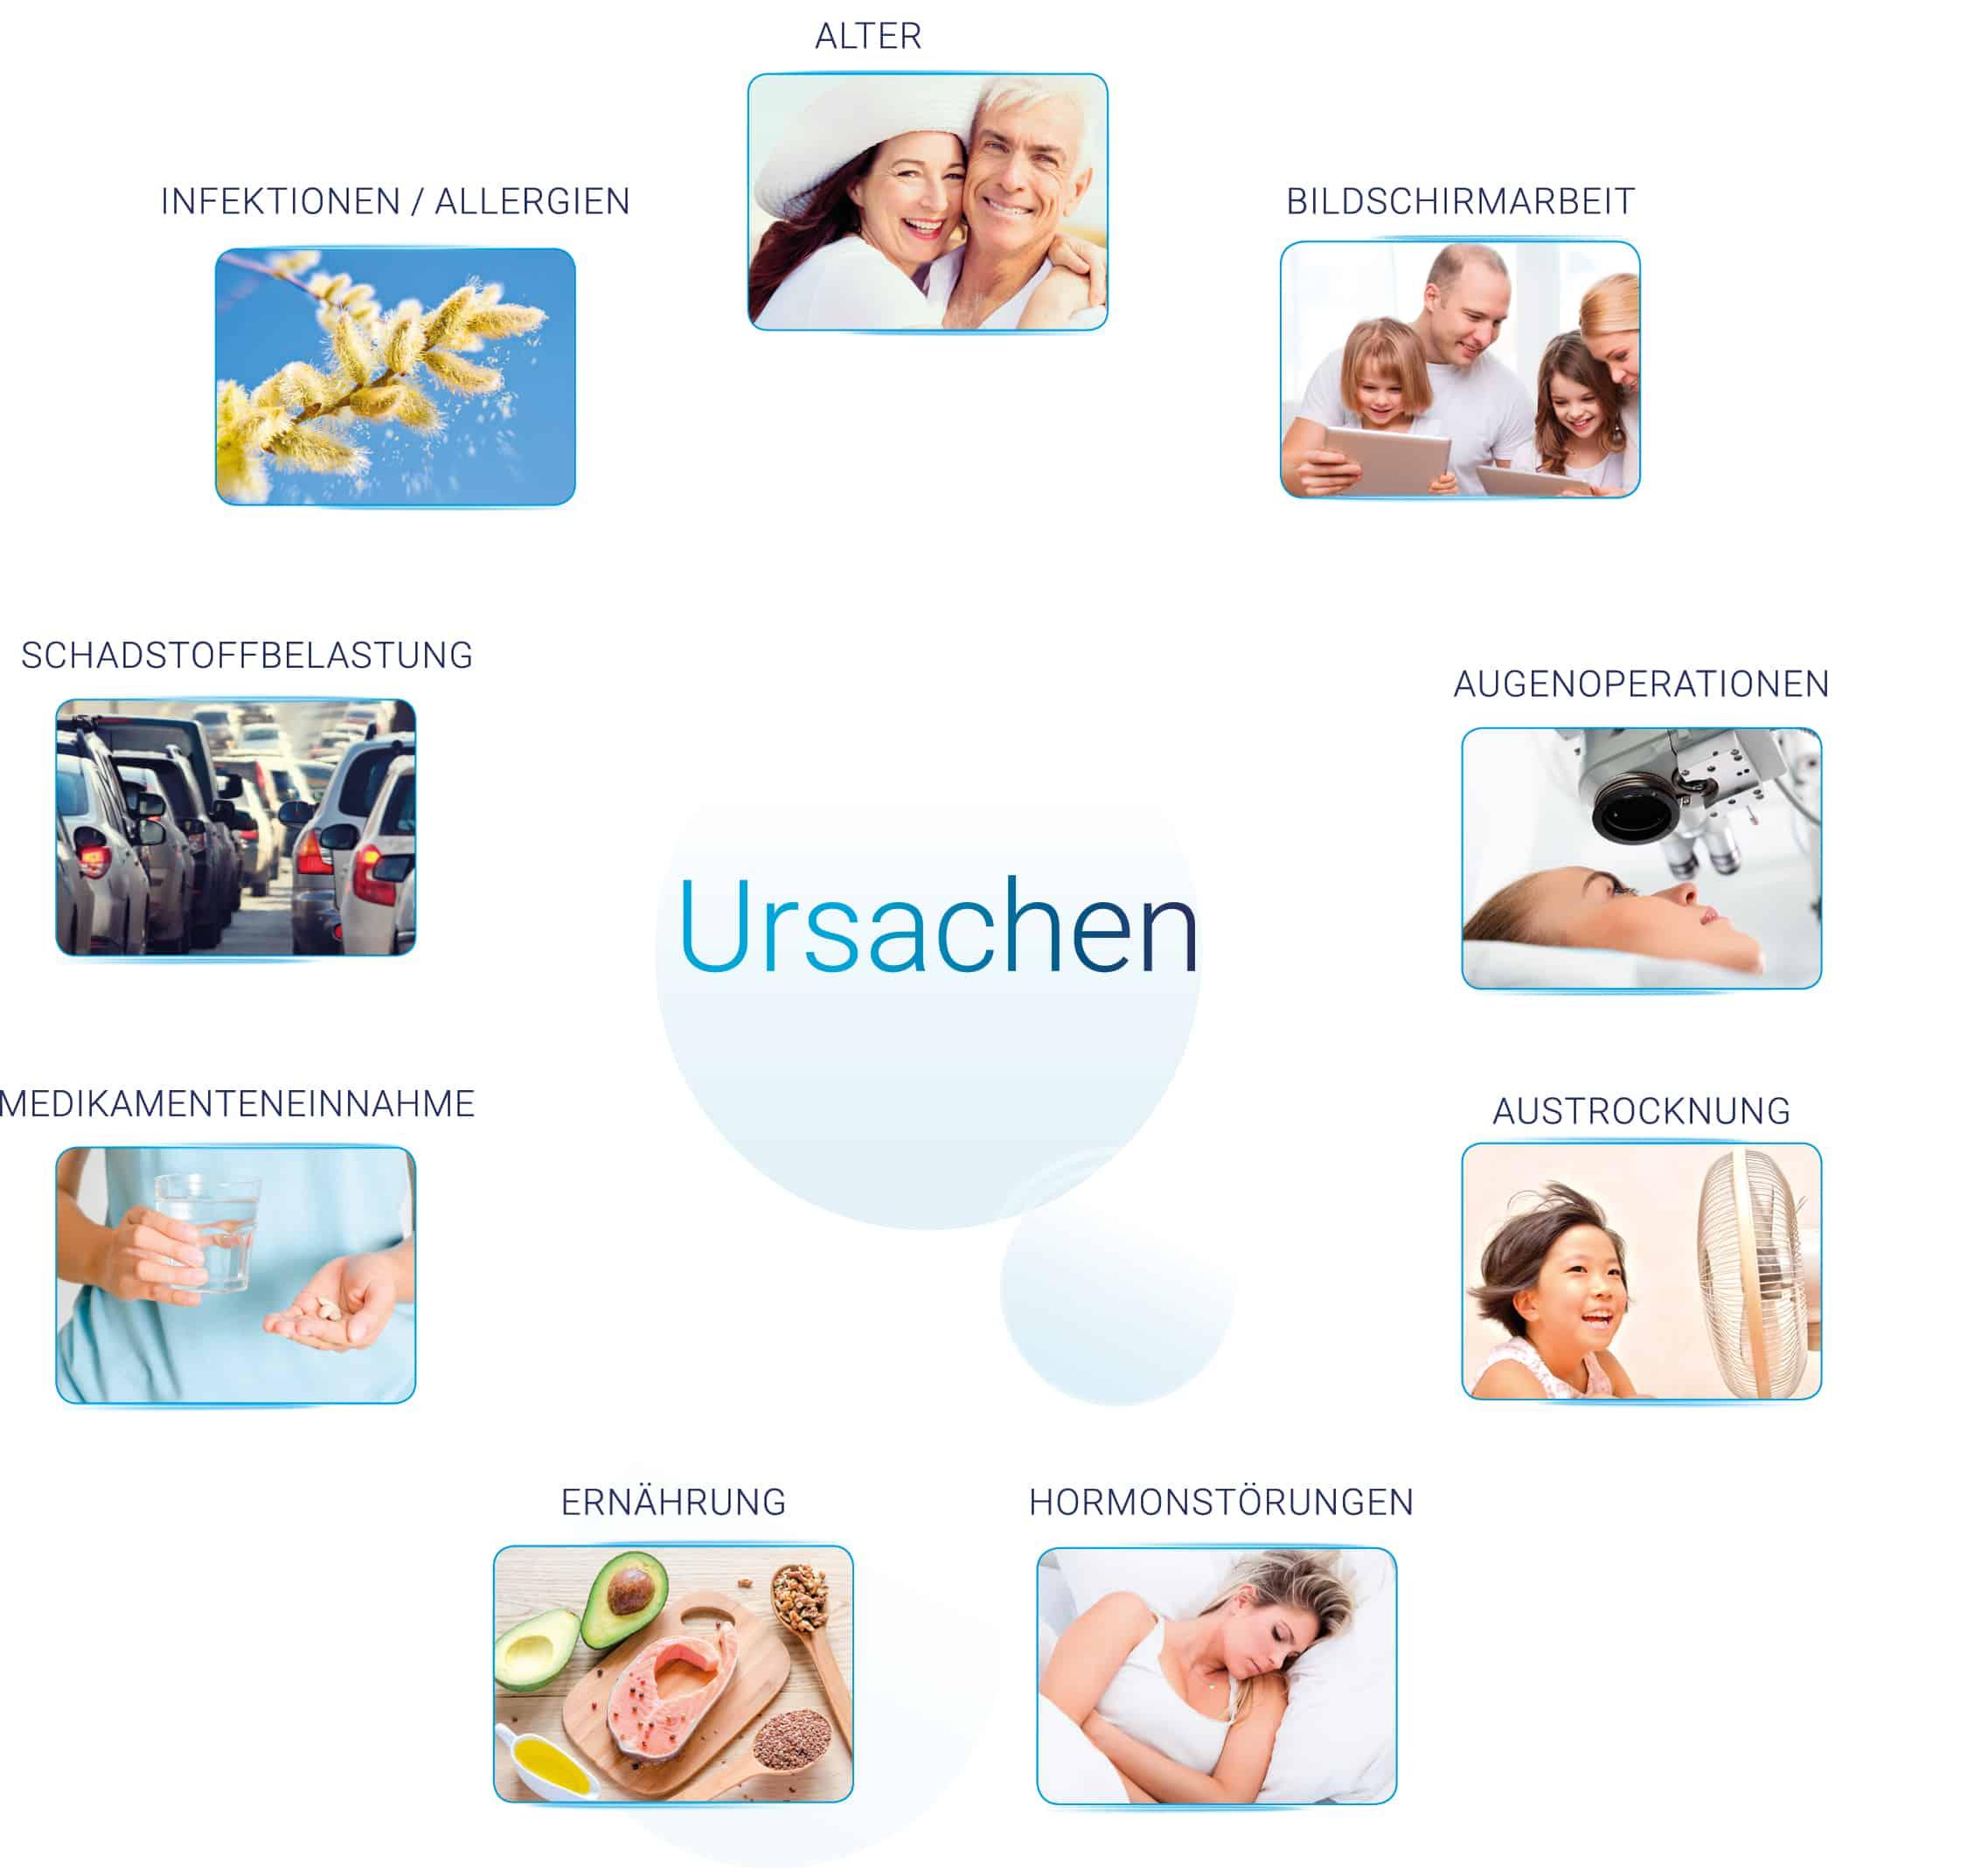 trockene Augen - Ursachen: Medikamenteneinnahme | Infektionen | Allergien | Ernährung | Austrocknung | Schadstoffe | Alter | Bildschirmarbeit | Hormonstörung | Augenoperationen